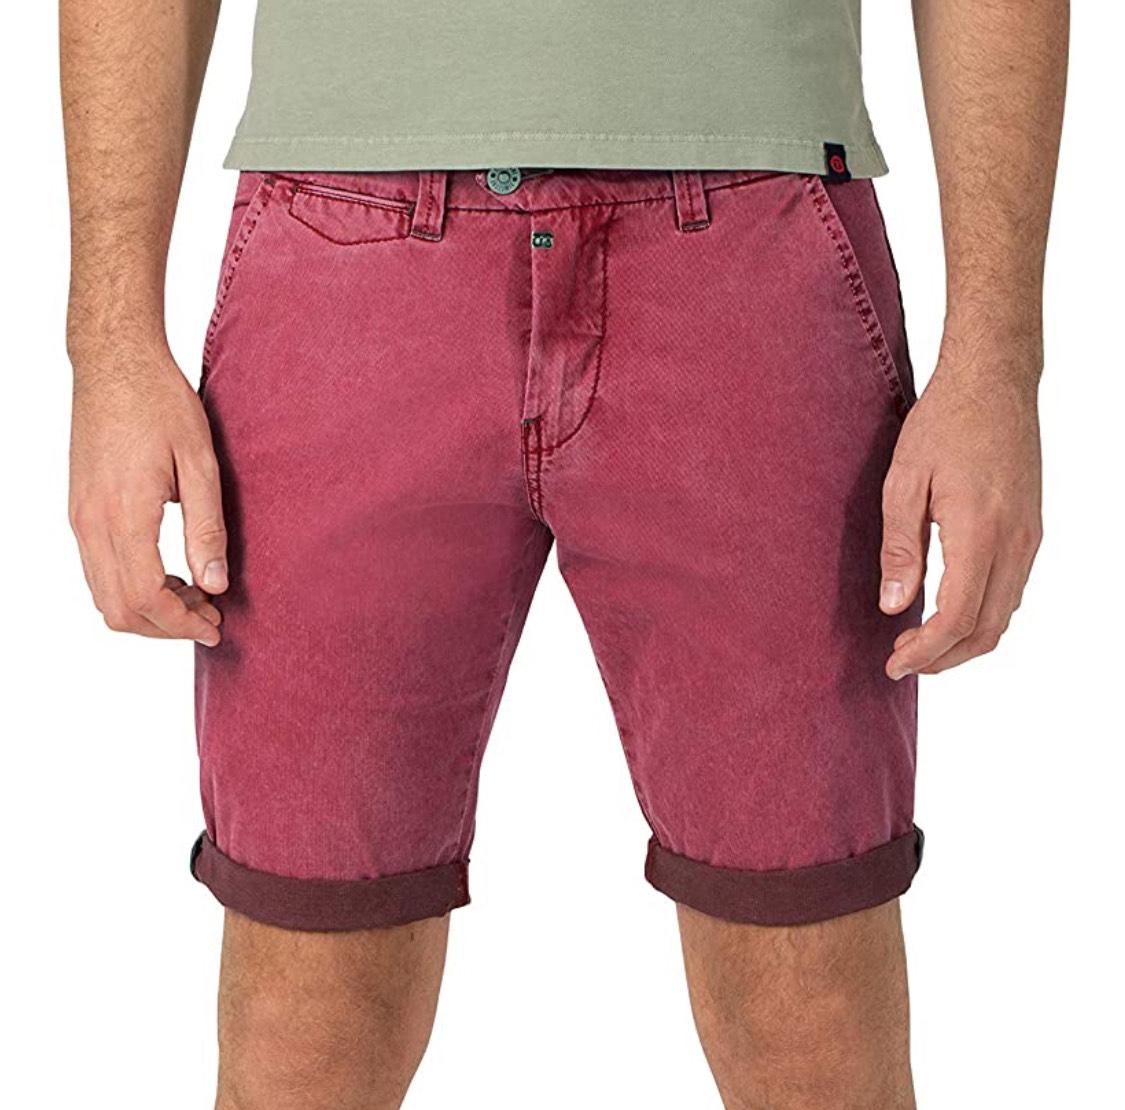 Pantalón corto Timezone hombre talla L (medidas en descripción)